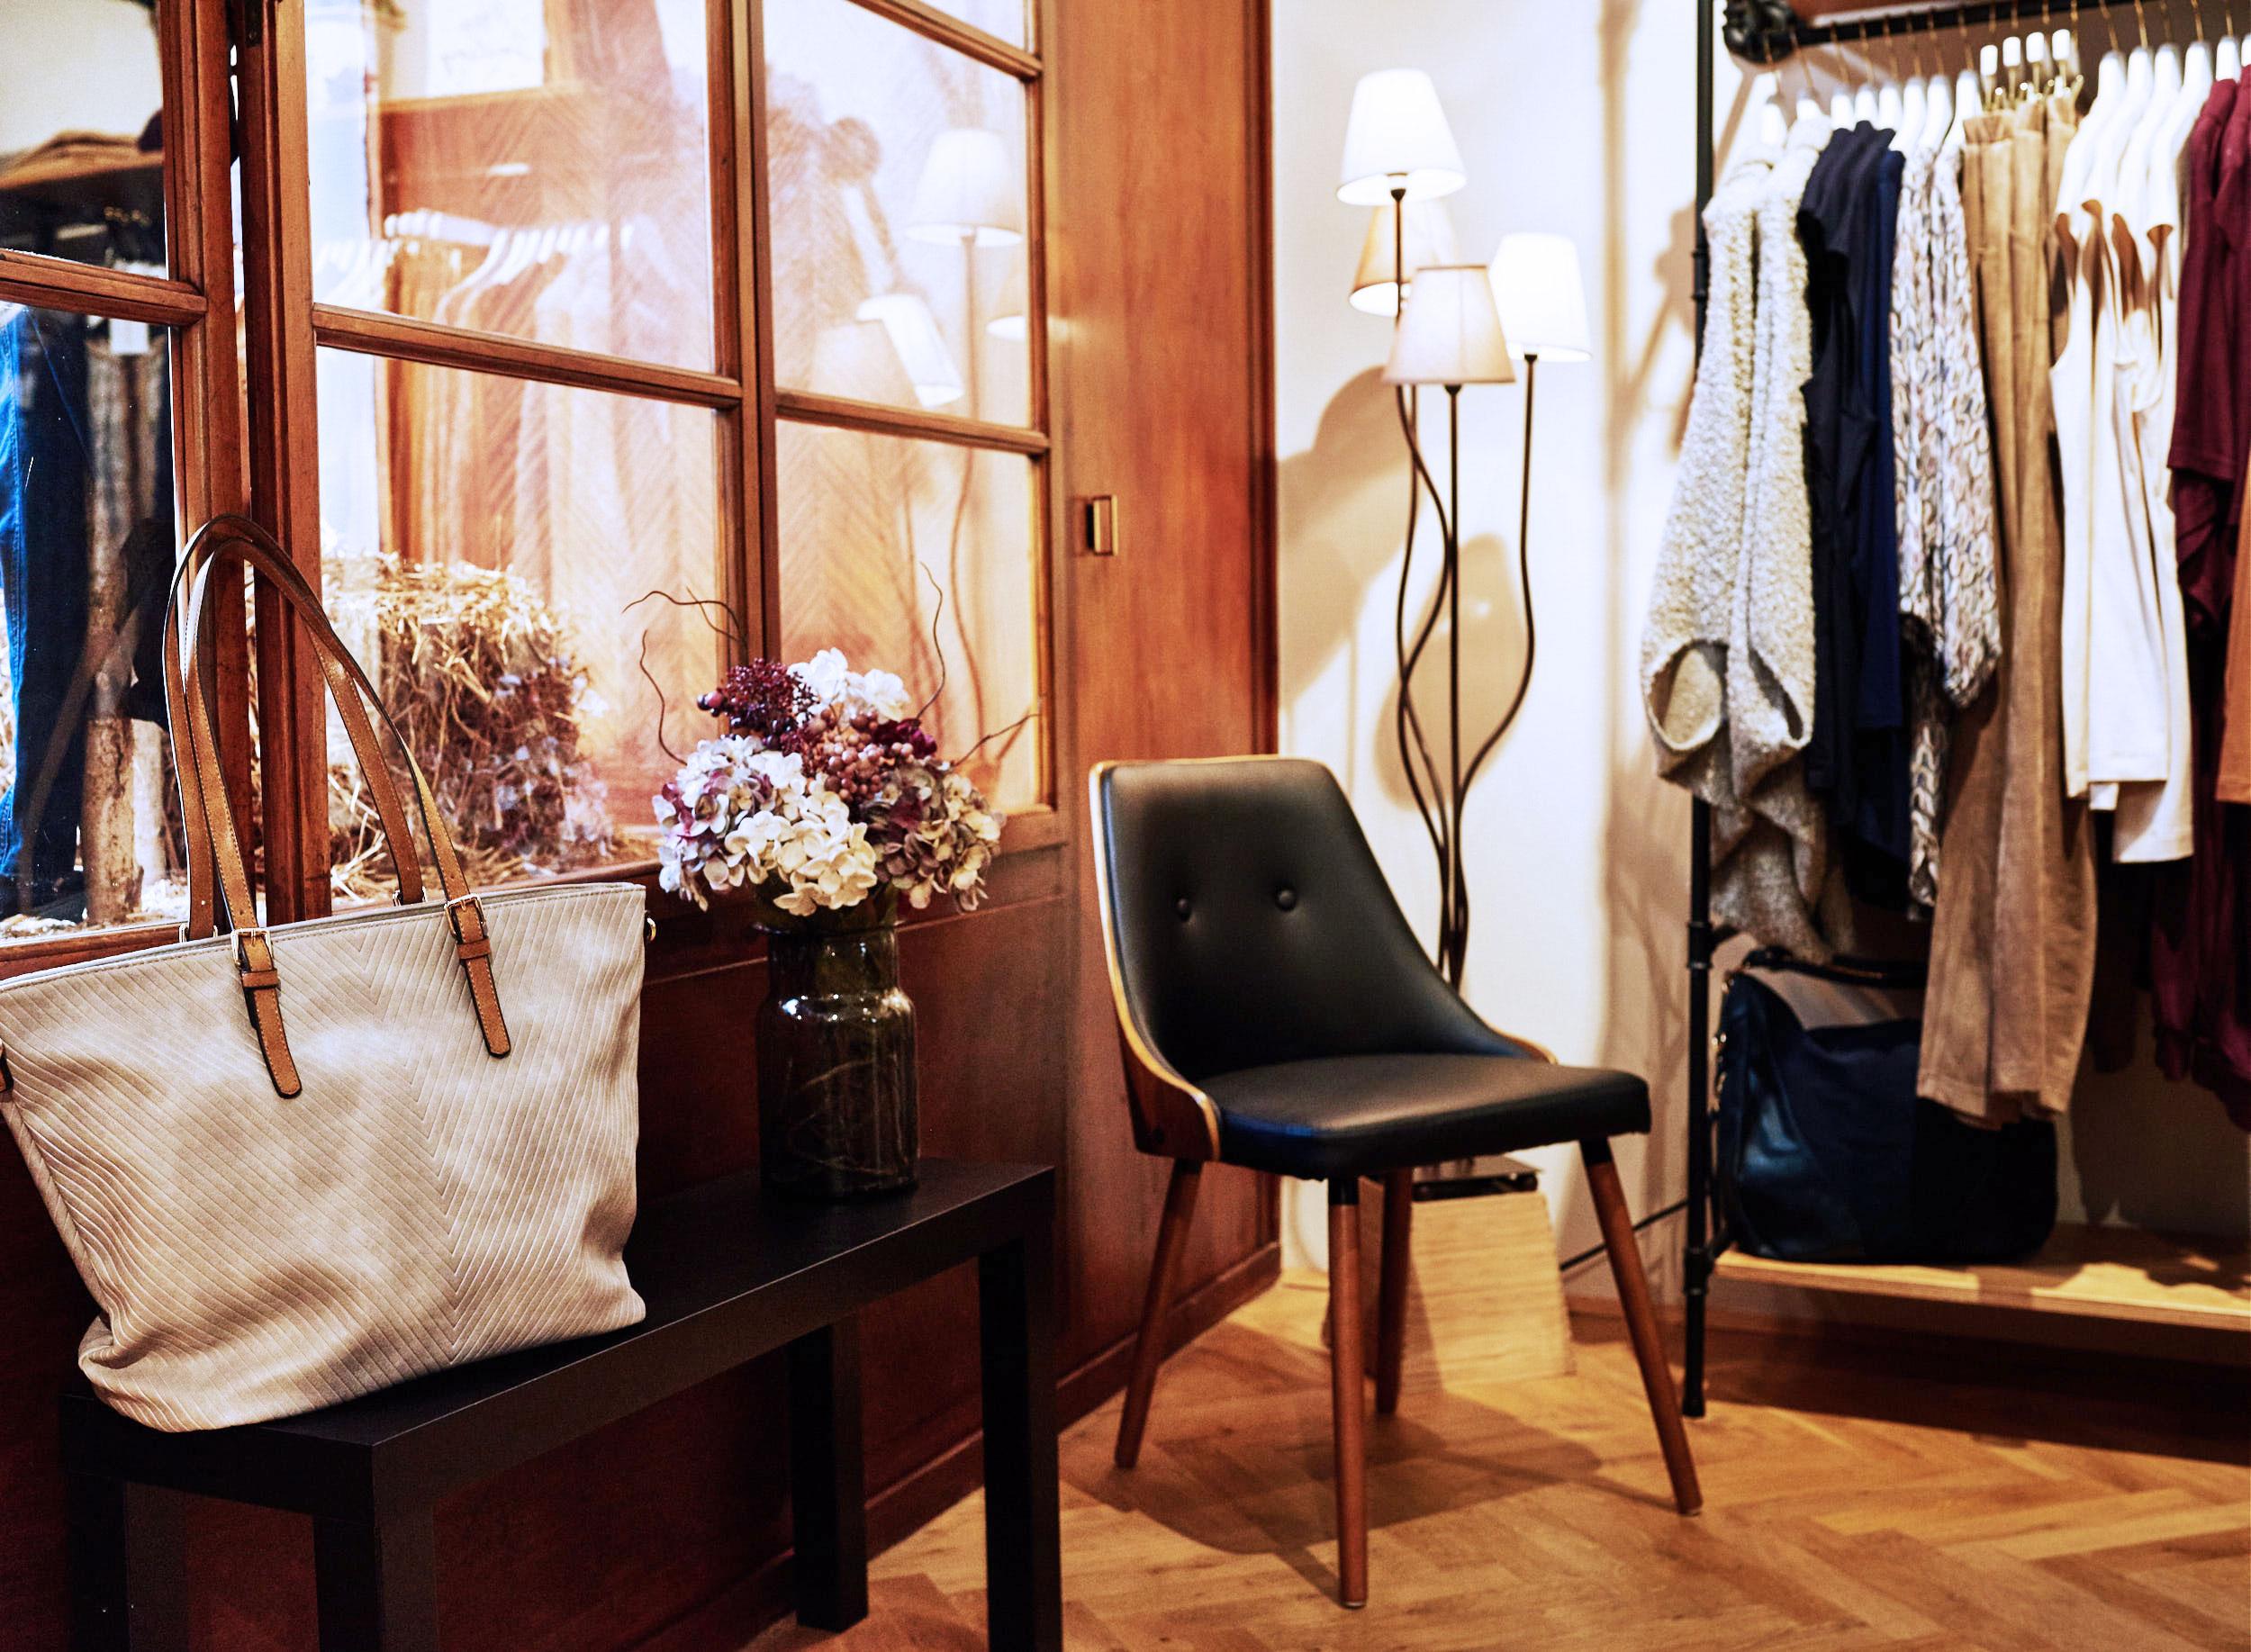 boutique-grandios-vienna-otto-bauer-gasse-11-wien-mariahilferstrase-kardiaserena-plus-size-fashion-wohnzimmer-feeling